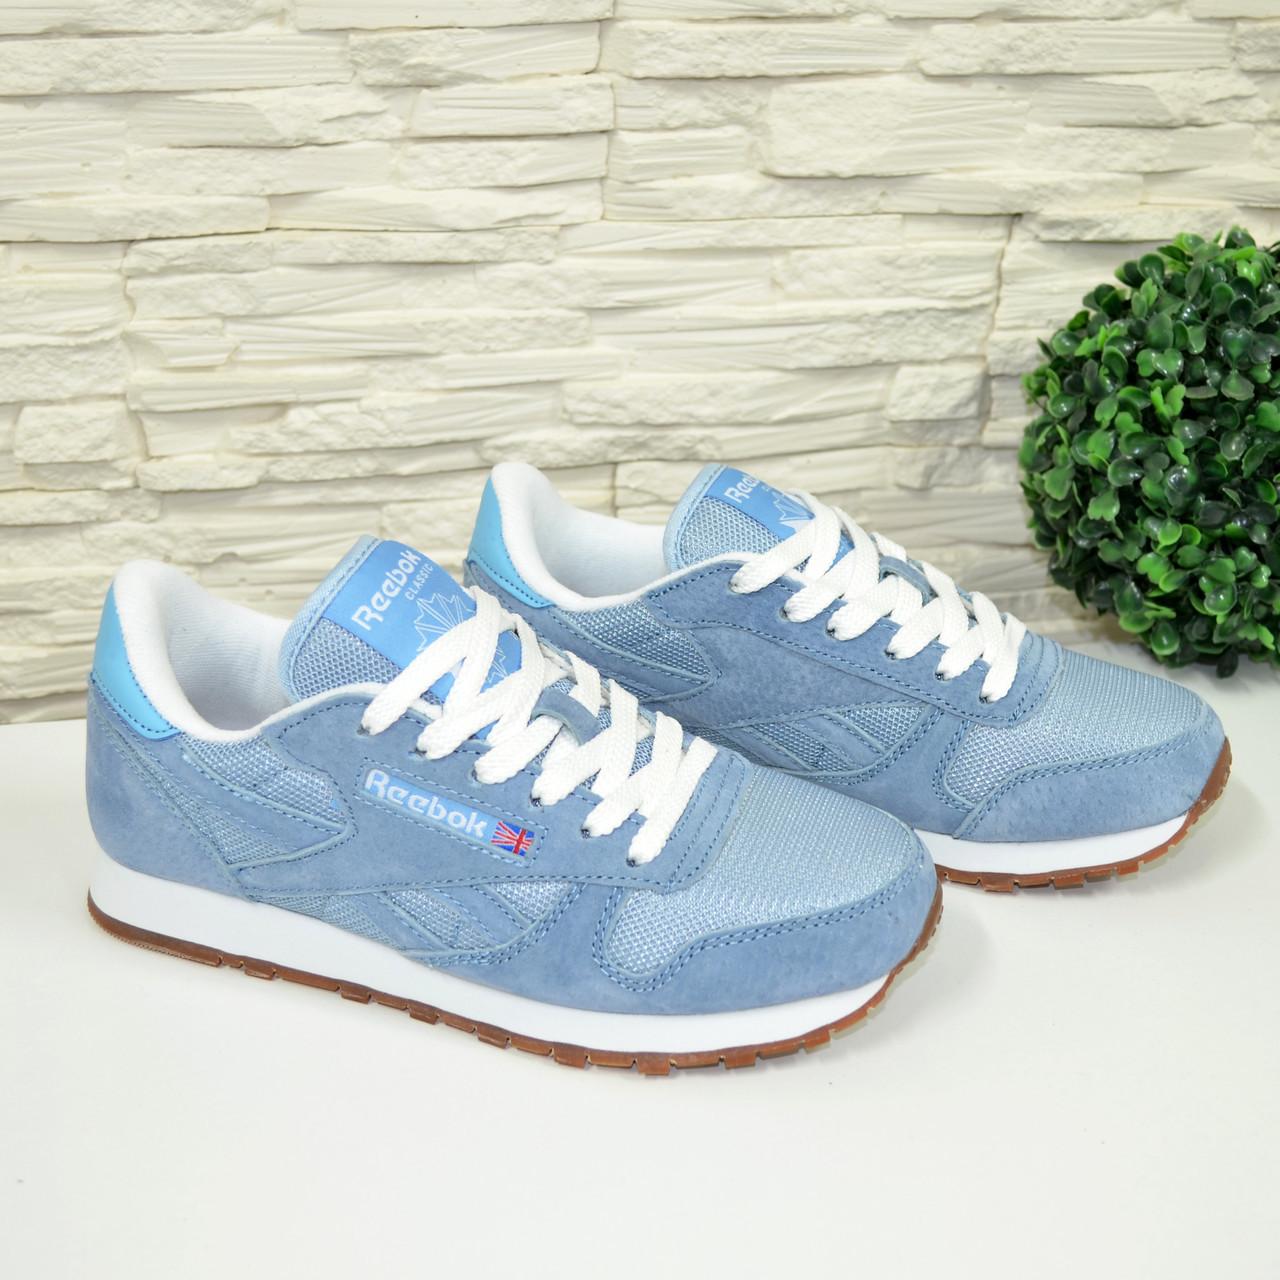 feb33c70336 Стильные женские кроссовки на шнуровке